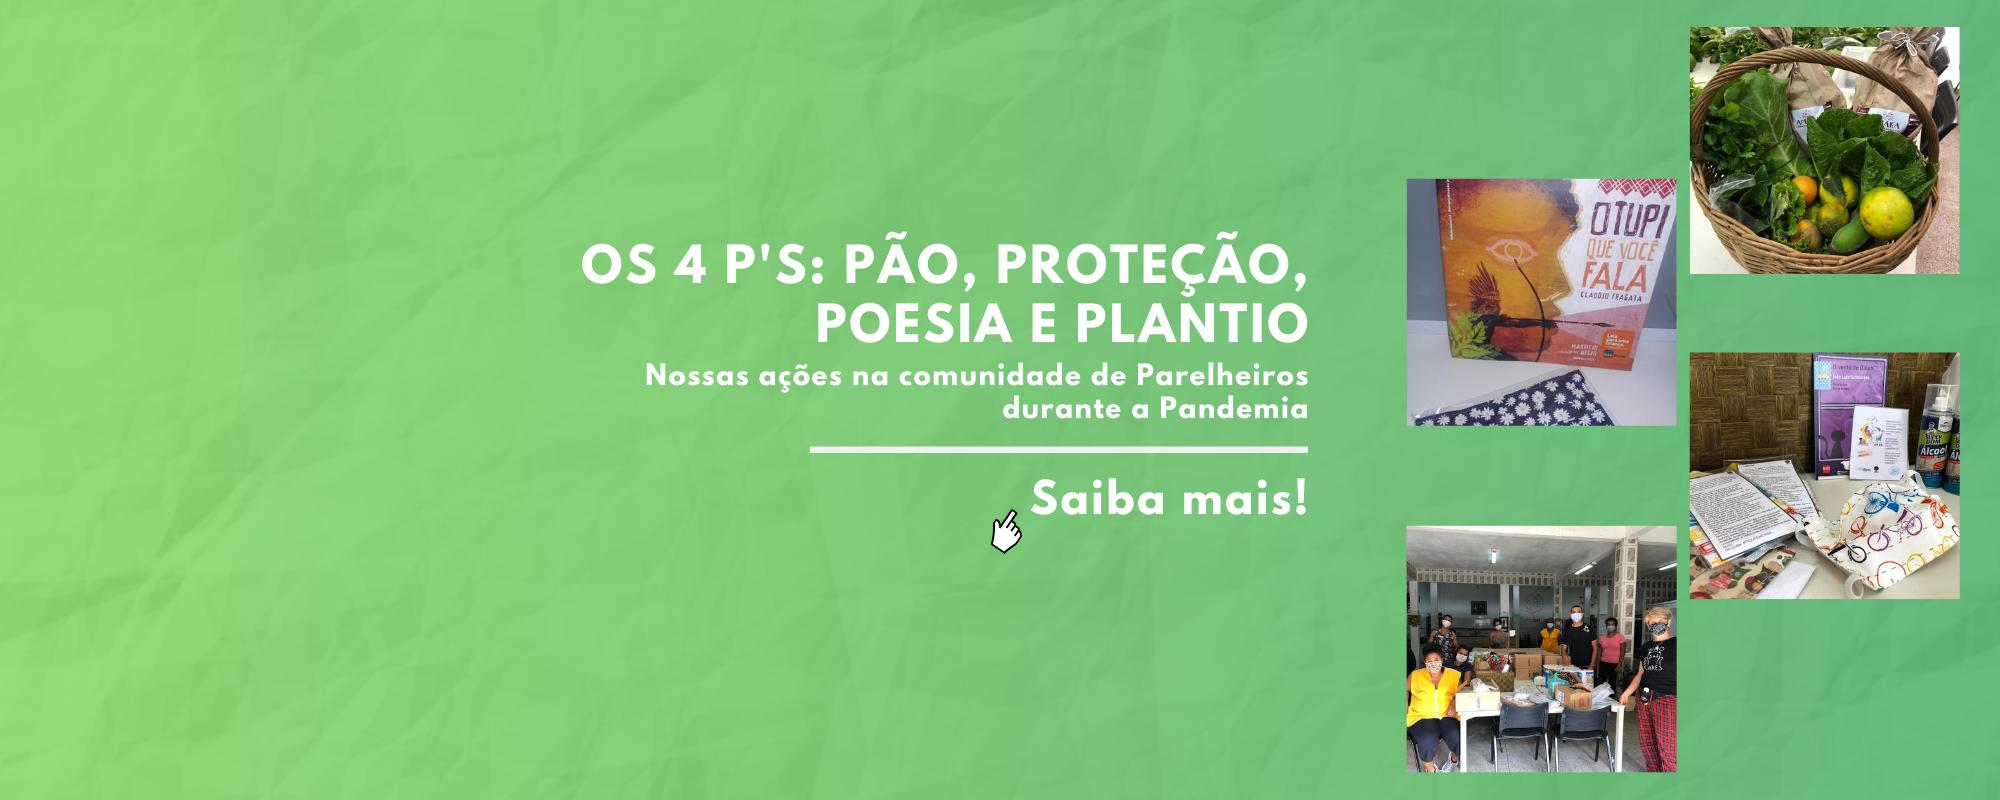 Os 4 P's: Pão, Proteção, Poesia e Plantio em Parelheiros na Pandemia